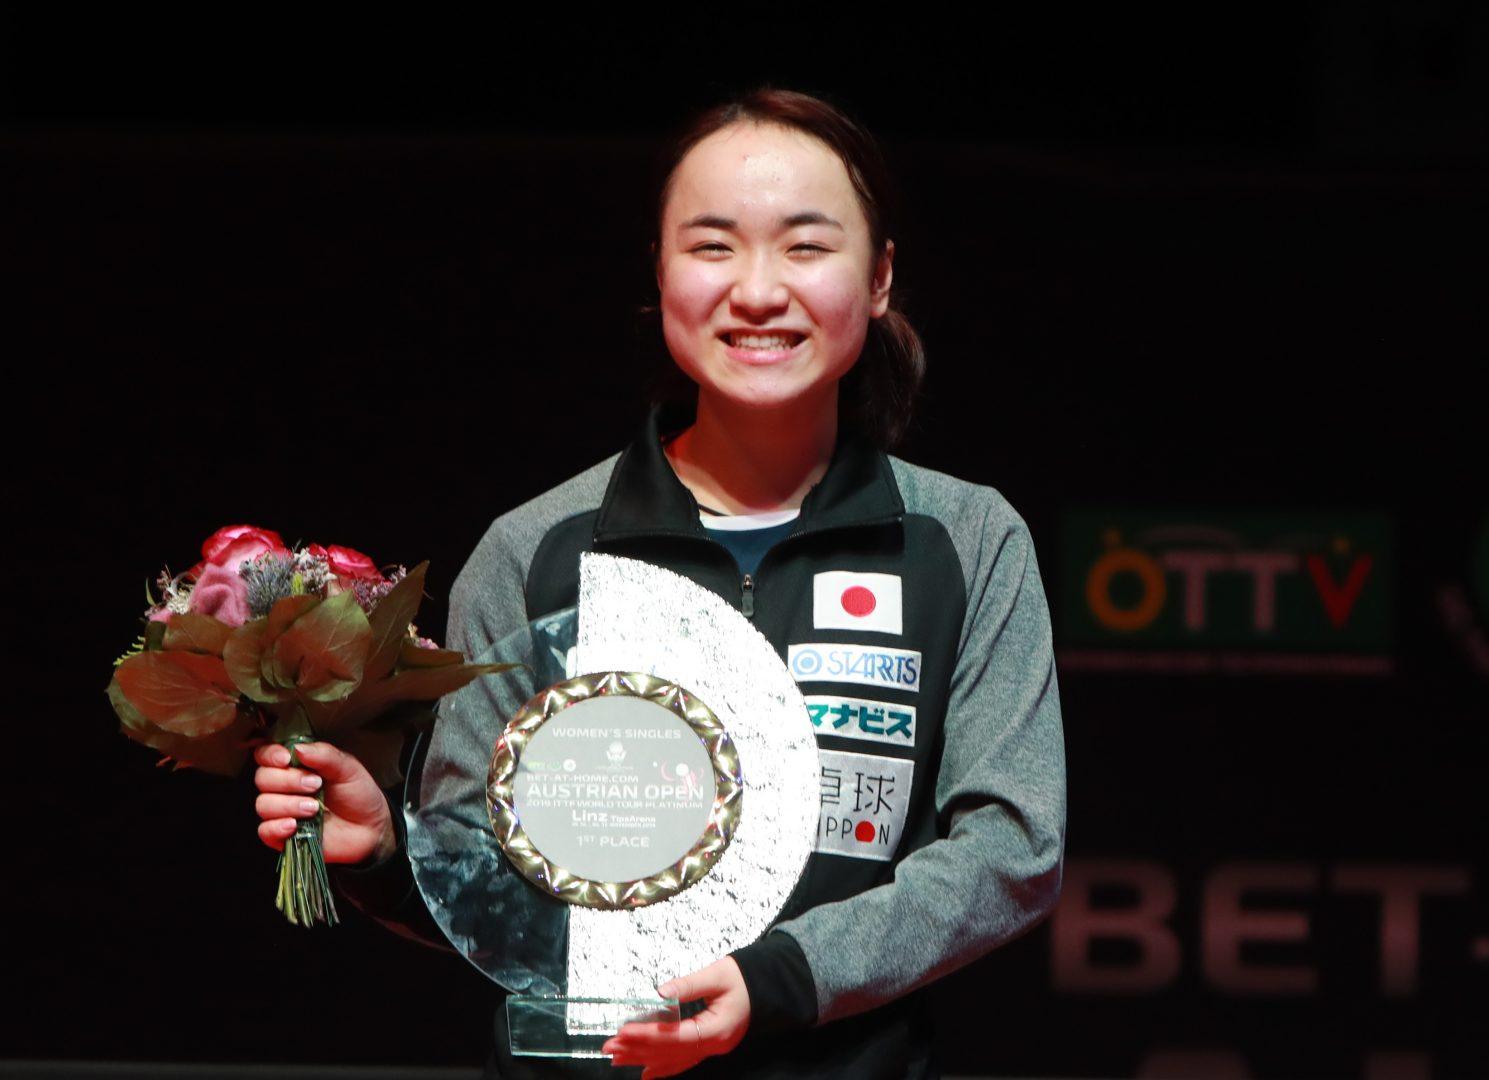 卓球・伊藤美誠、今年活躍したアスリート4位に 平野、石川もランクイン